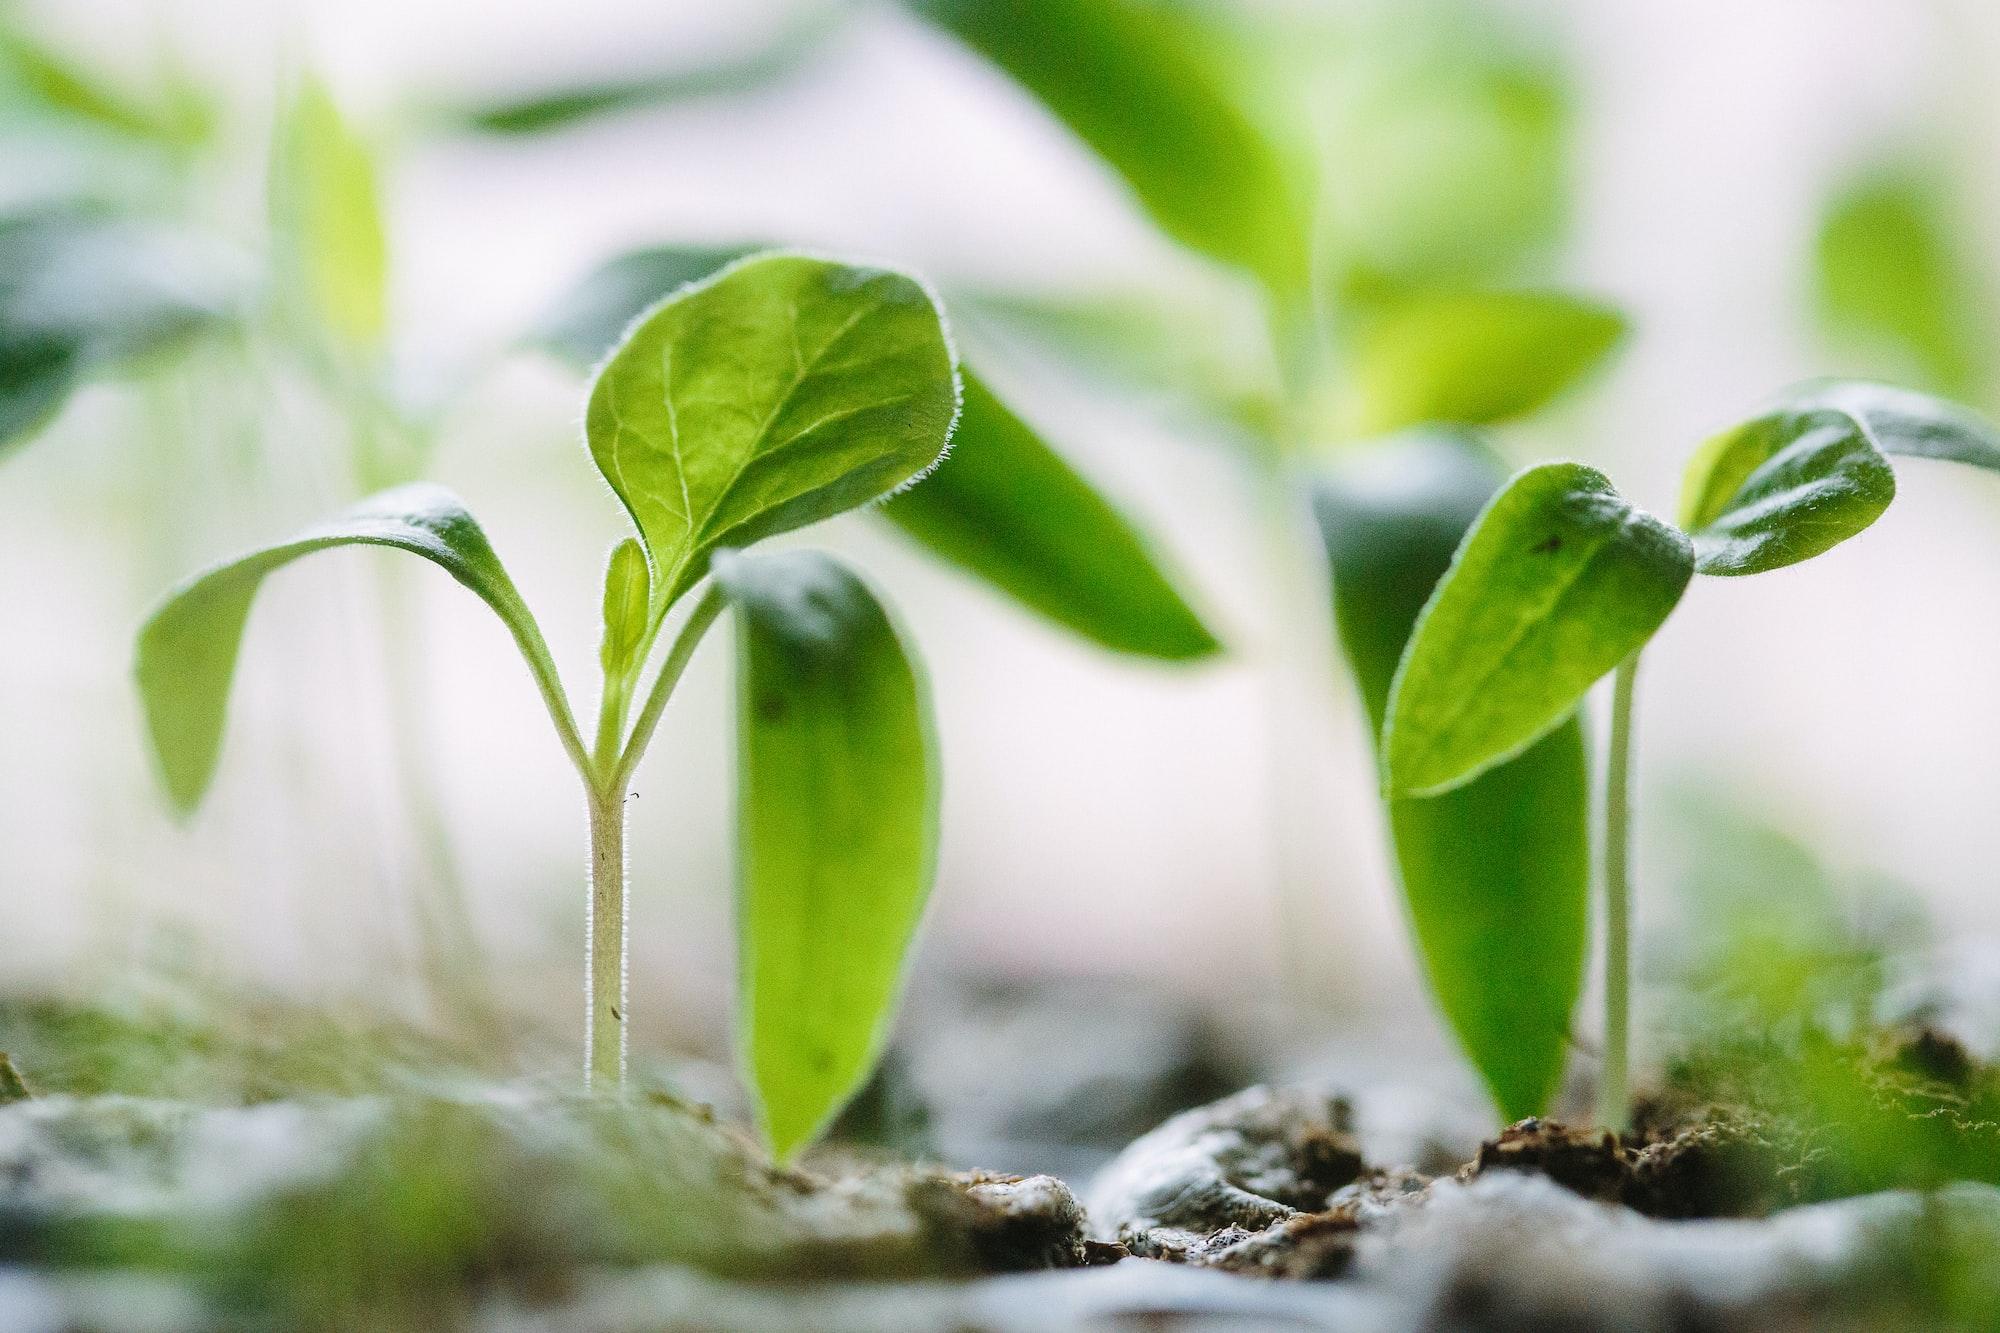 Fide Yetiştirmek İçin Ayrılmış Toprak Bölümü Bulmaca Anlamı Nedir?